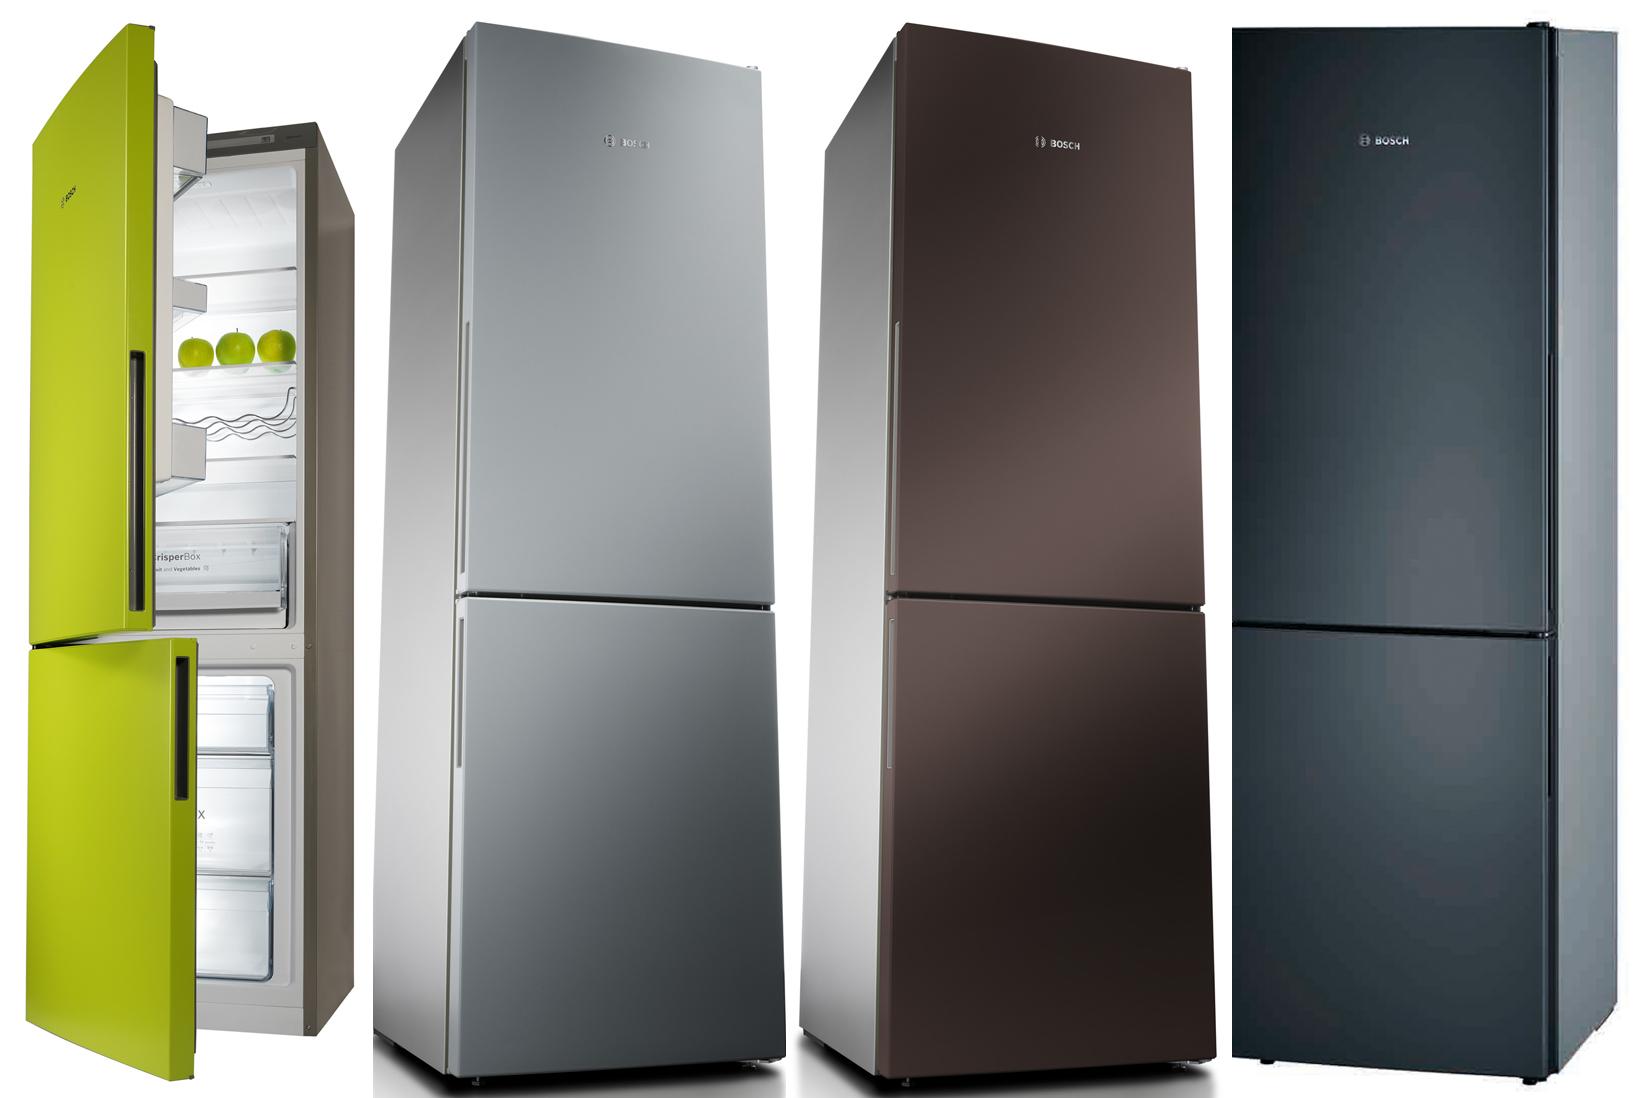 Kühlschrank Gefrierkombination : Kühl gefrierkombination kaufen köln hürth pulheim hgs elektro